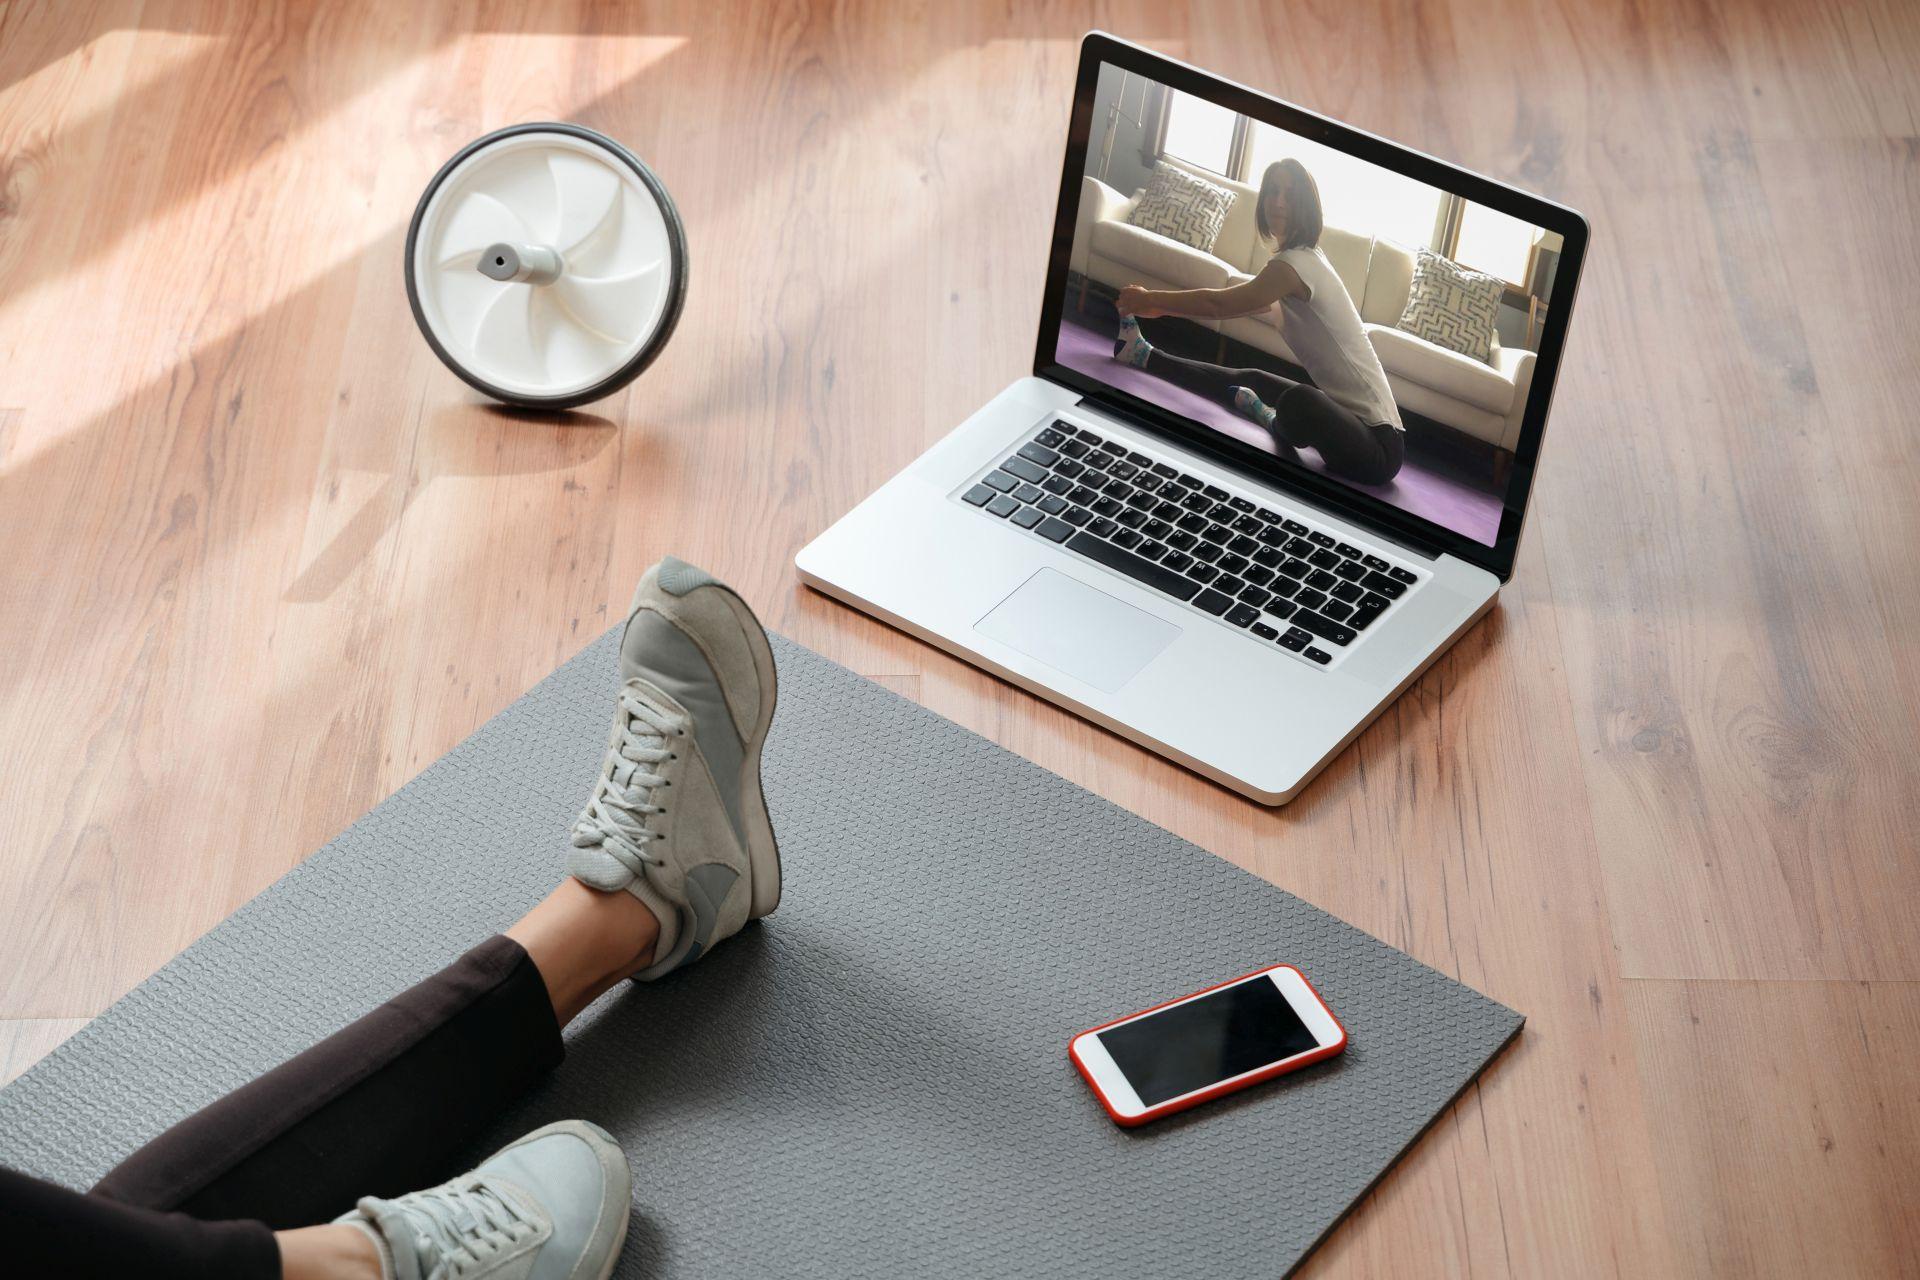 Zachowaj zdrowy styl życia w czasie pandemii i kwarantanny - ćwiczenia w domu mogą być lekkie i przyjemne. Połącz je z dietą lekkostrawną bogatą w kwas DHA, który wspiera pracę mózgu, sprawność intelektualną i wzrok.